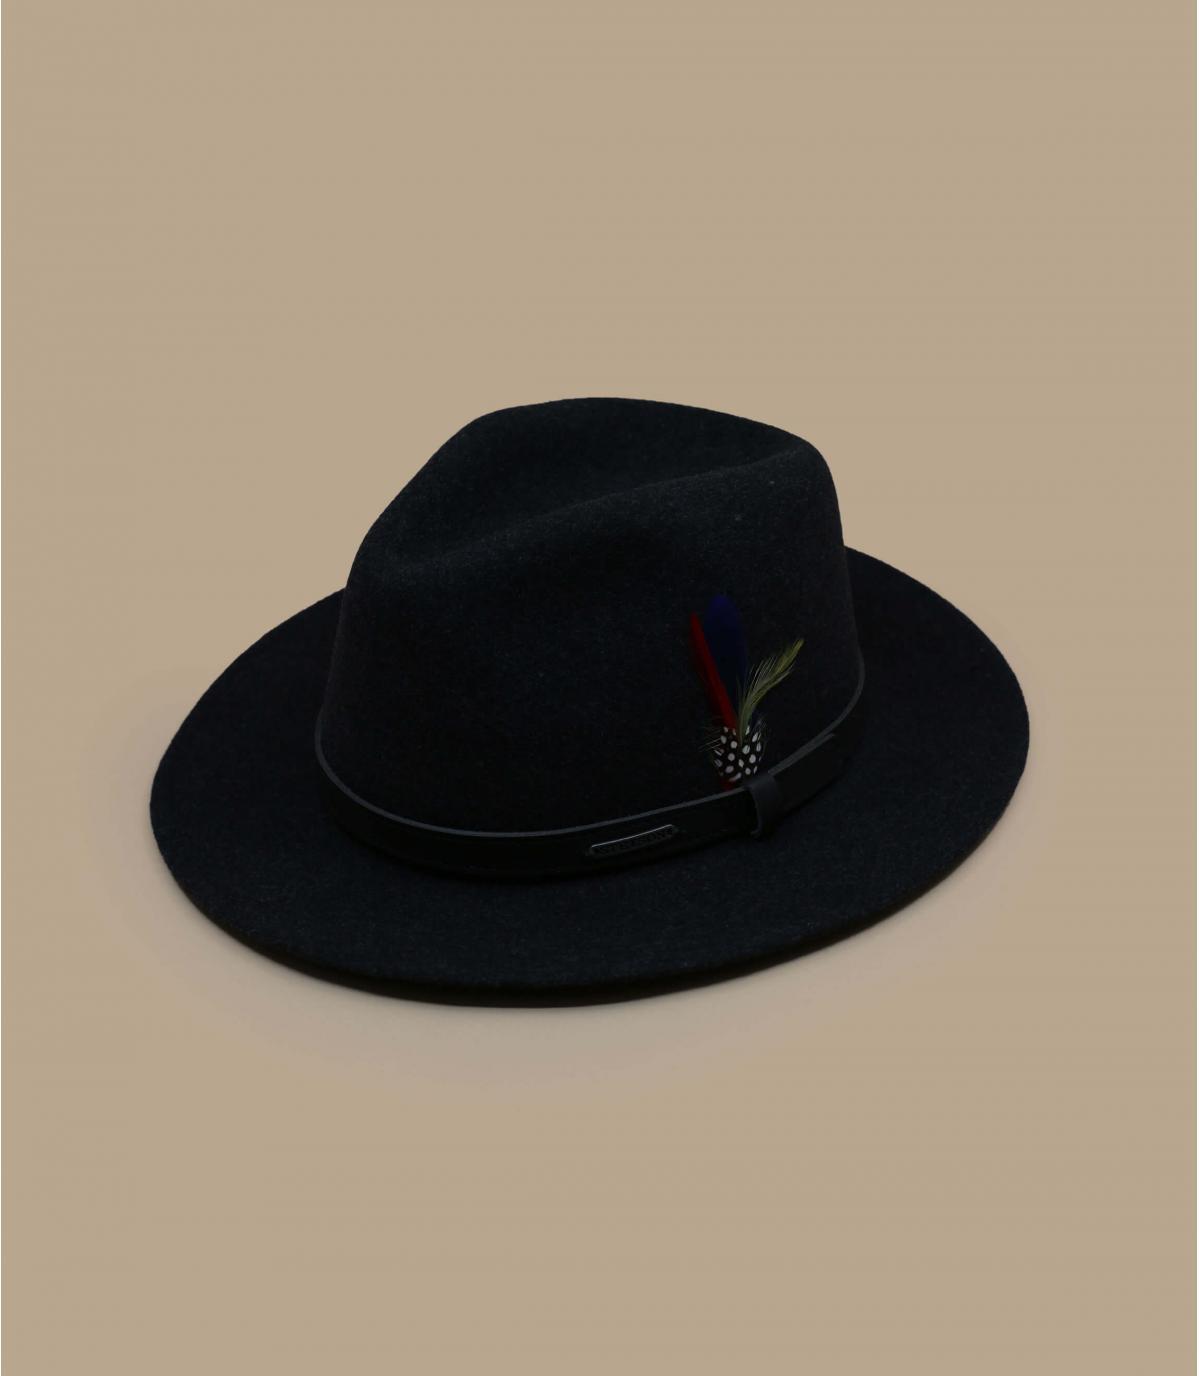 wasserabweisend Fedora Hut Wollfilz schwarz